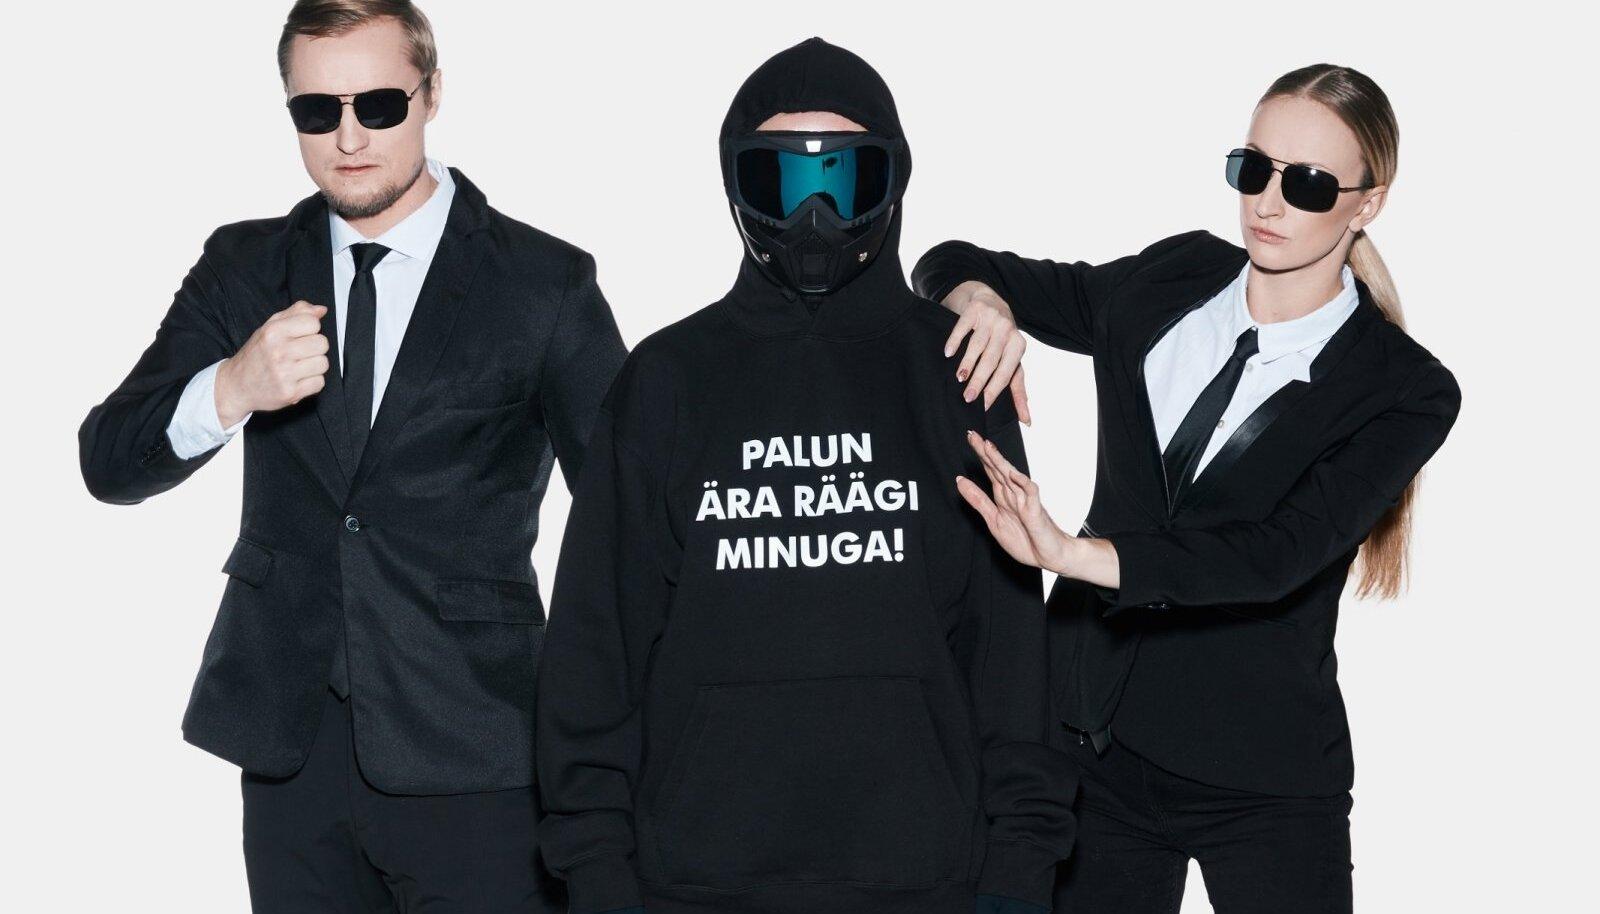 Kas ka Eesti saate osalejad kannavad tagatubades just niisuguseid pusasid, ei saa saate tootja praegu öelda.